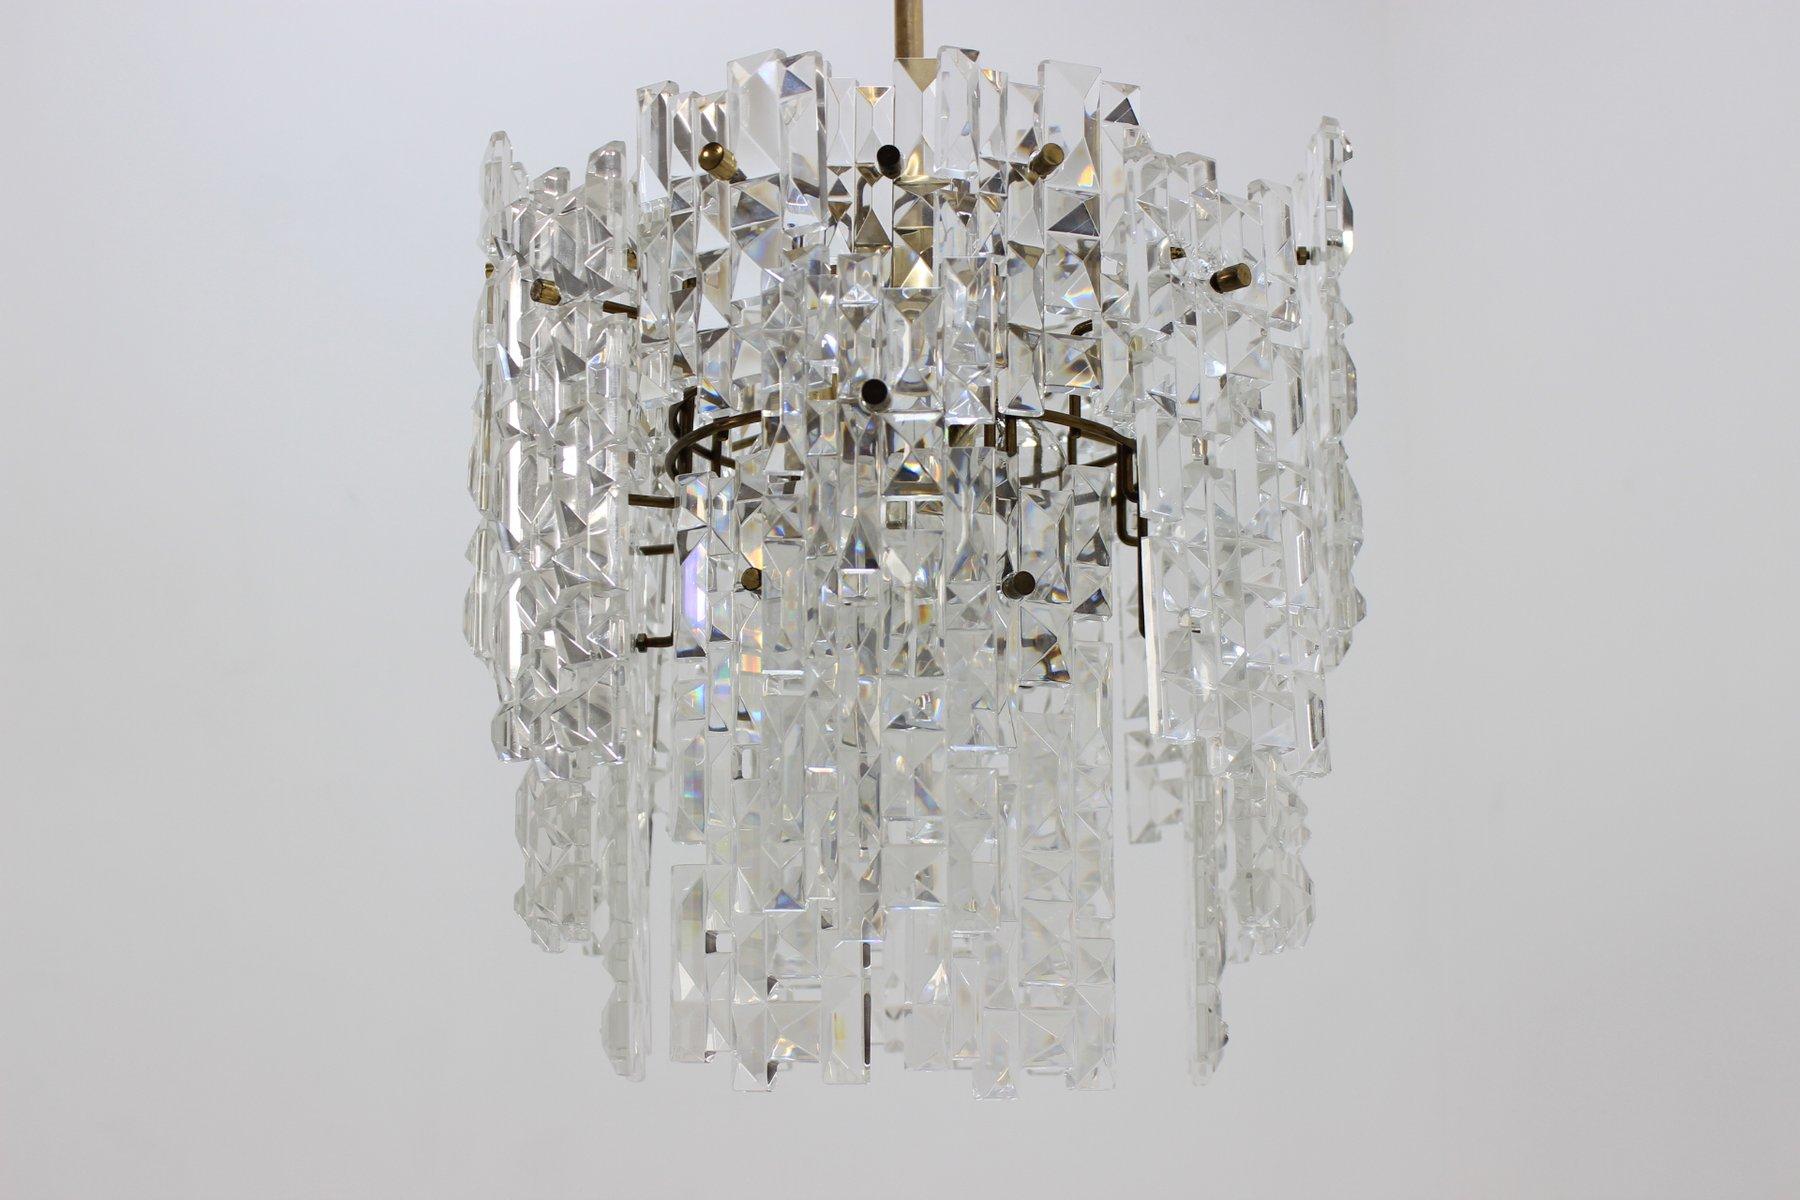 Lampade In Vetro Anni 70 : Lampada a sospensione in vetro anni 70 in vendita su pamono